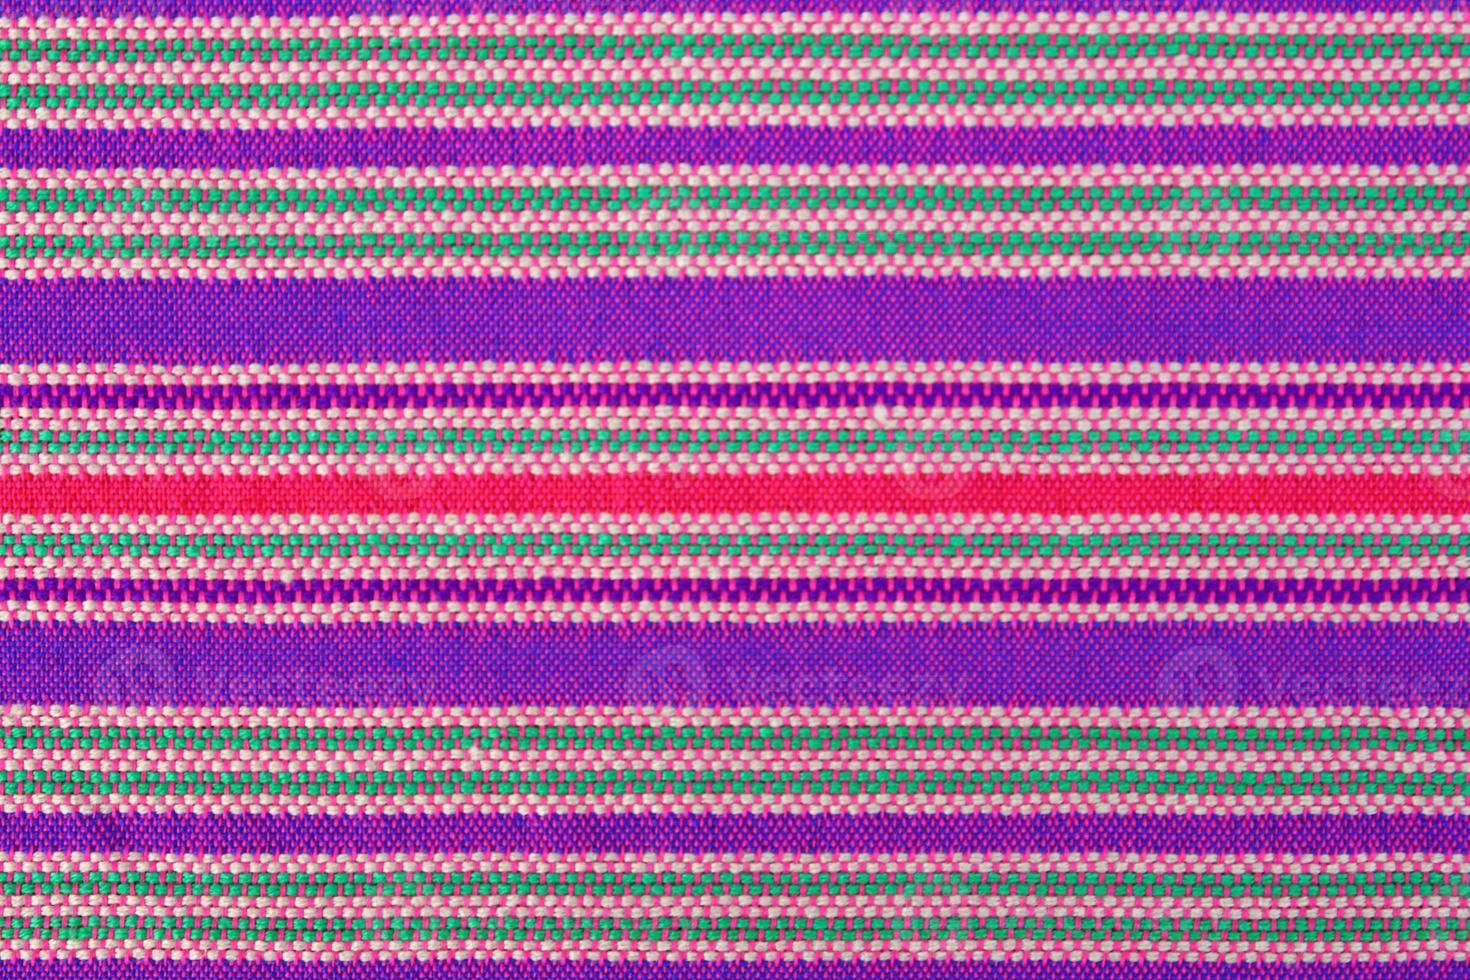 gros plan textile photo